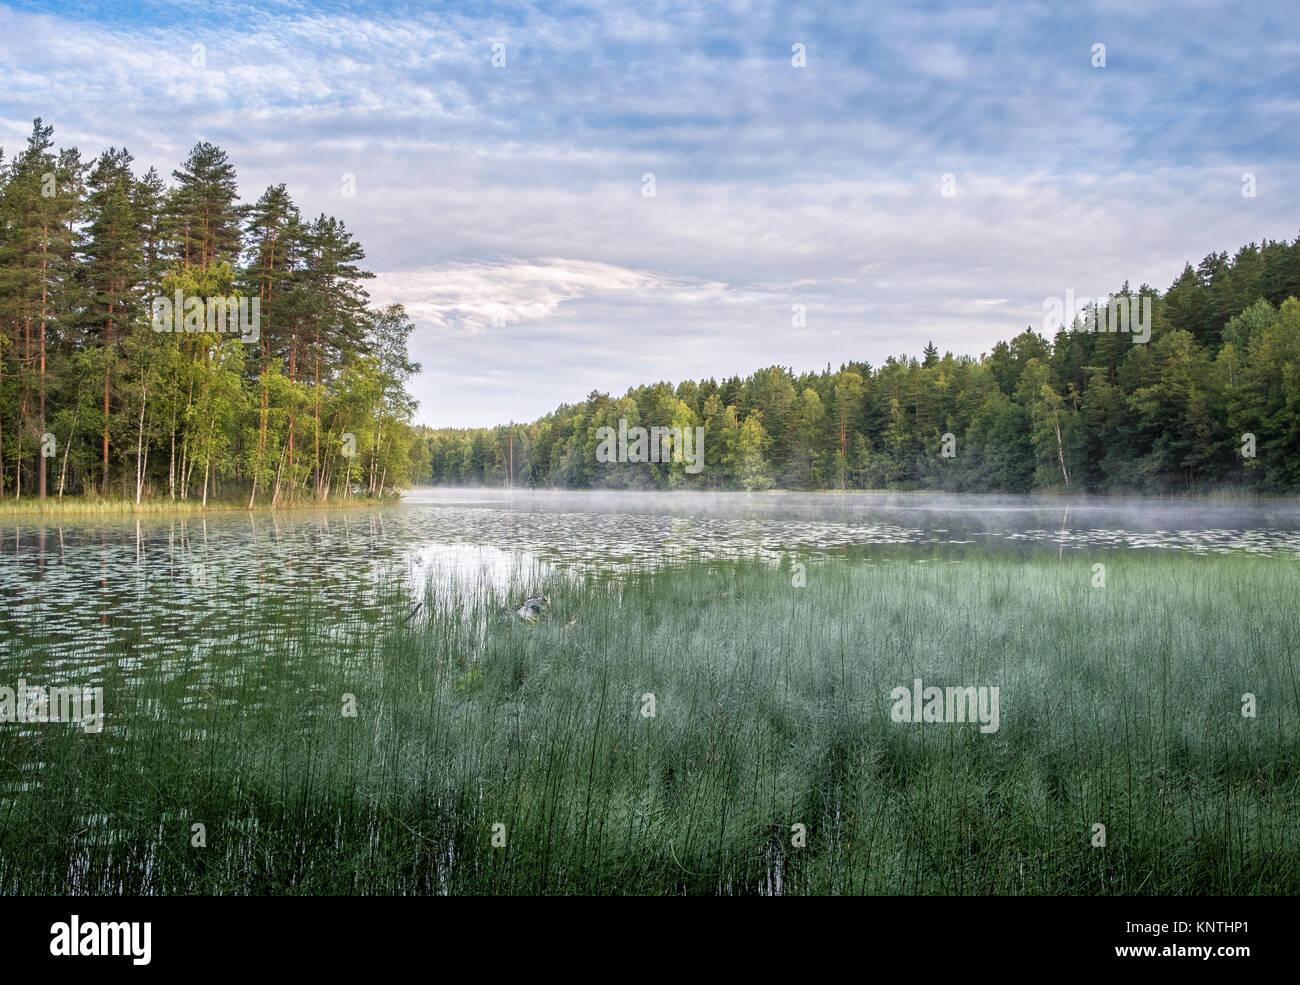 Mañana pacífica humor con pintorescas vistas al lago en otoño en el Parque Nacional Nuuksio, Finlandia Imagen De Stock